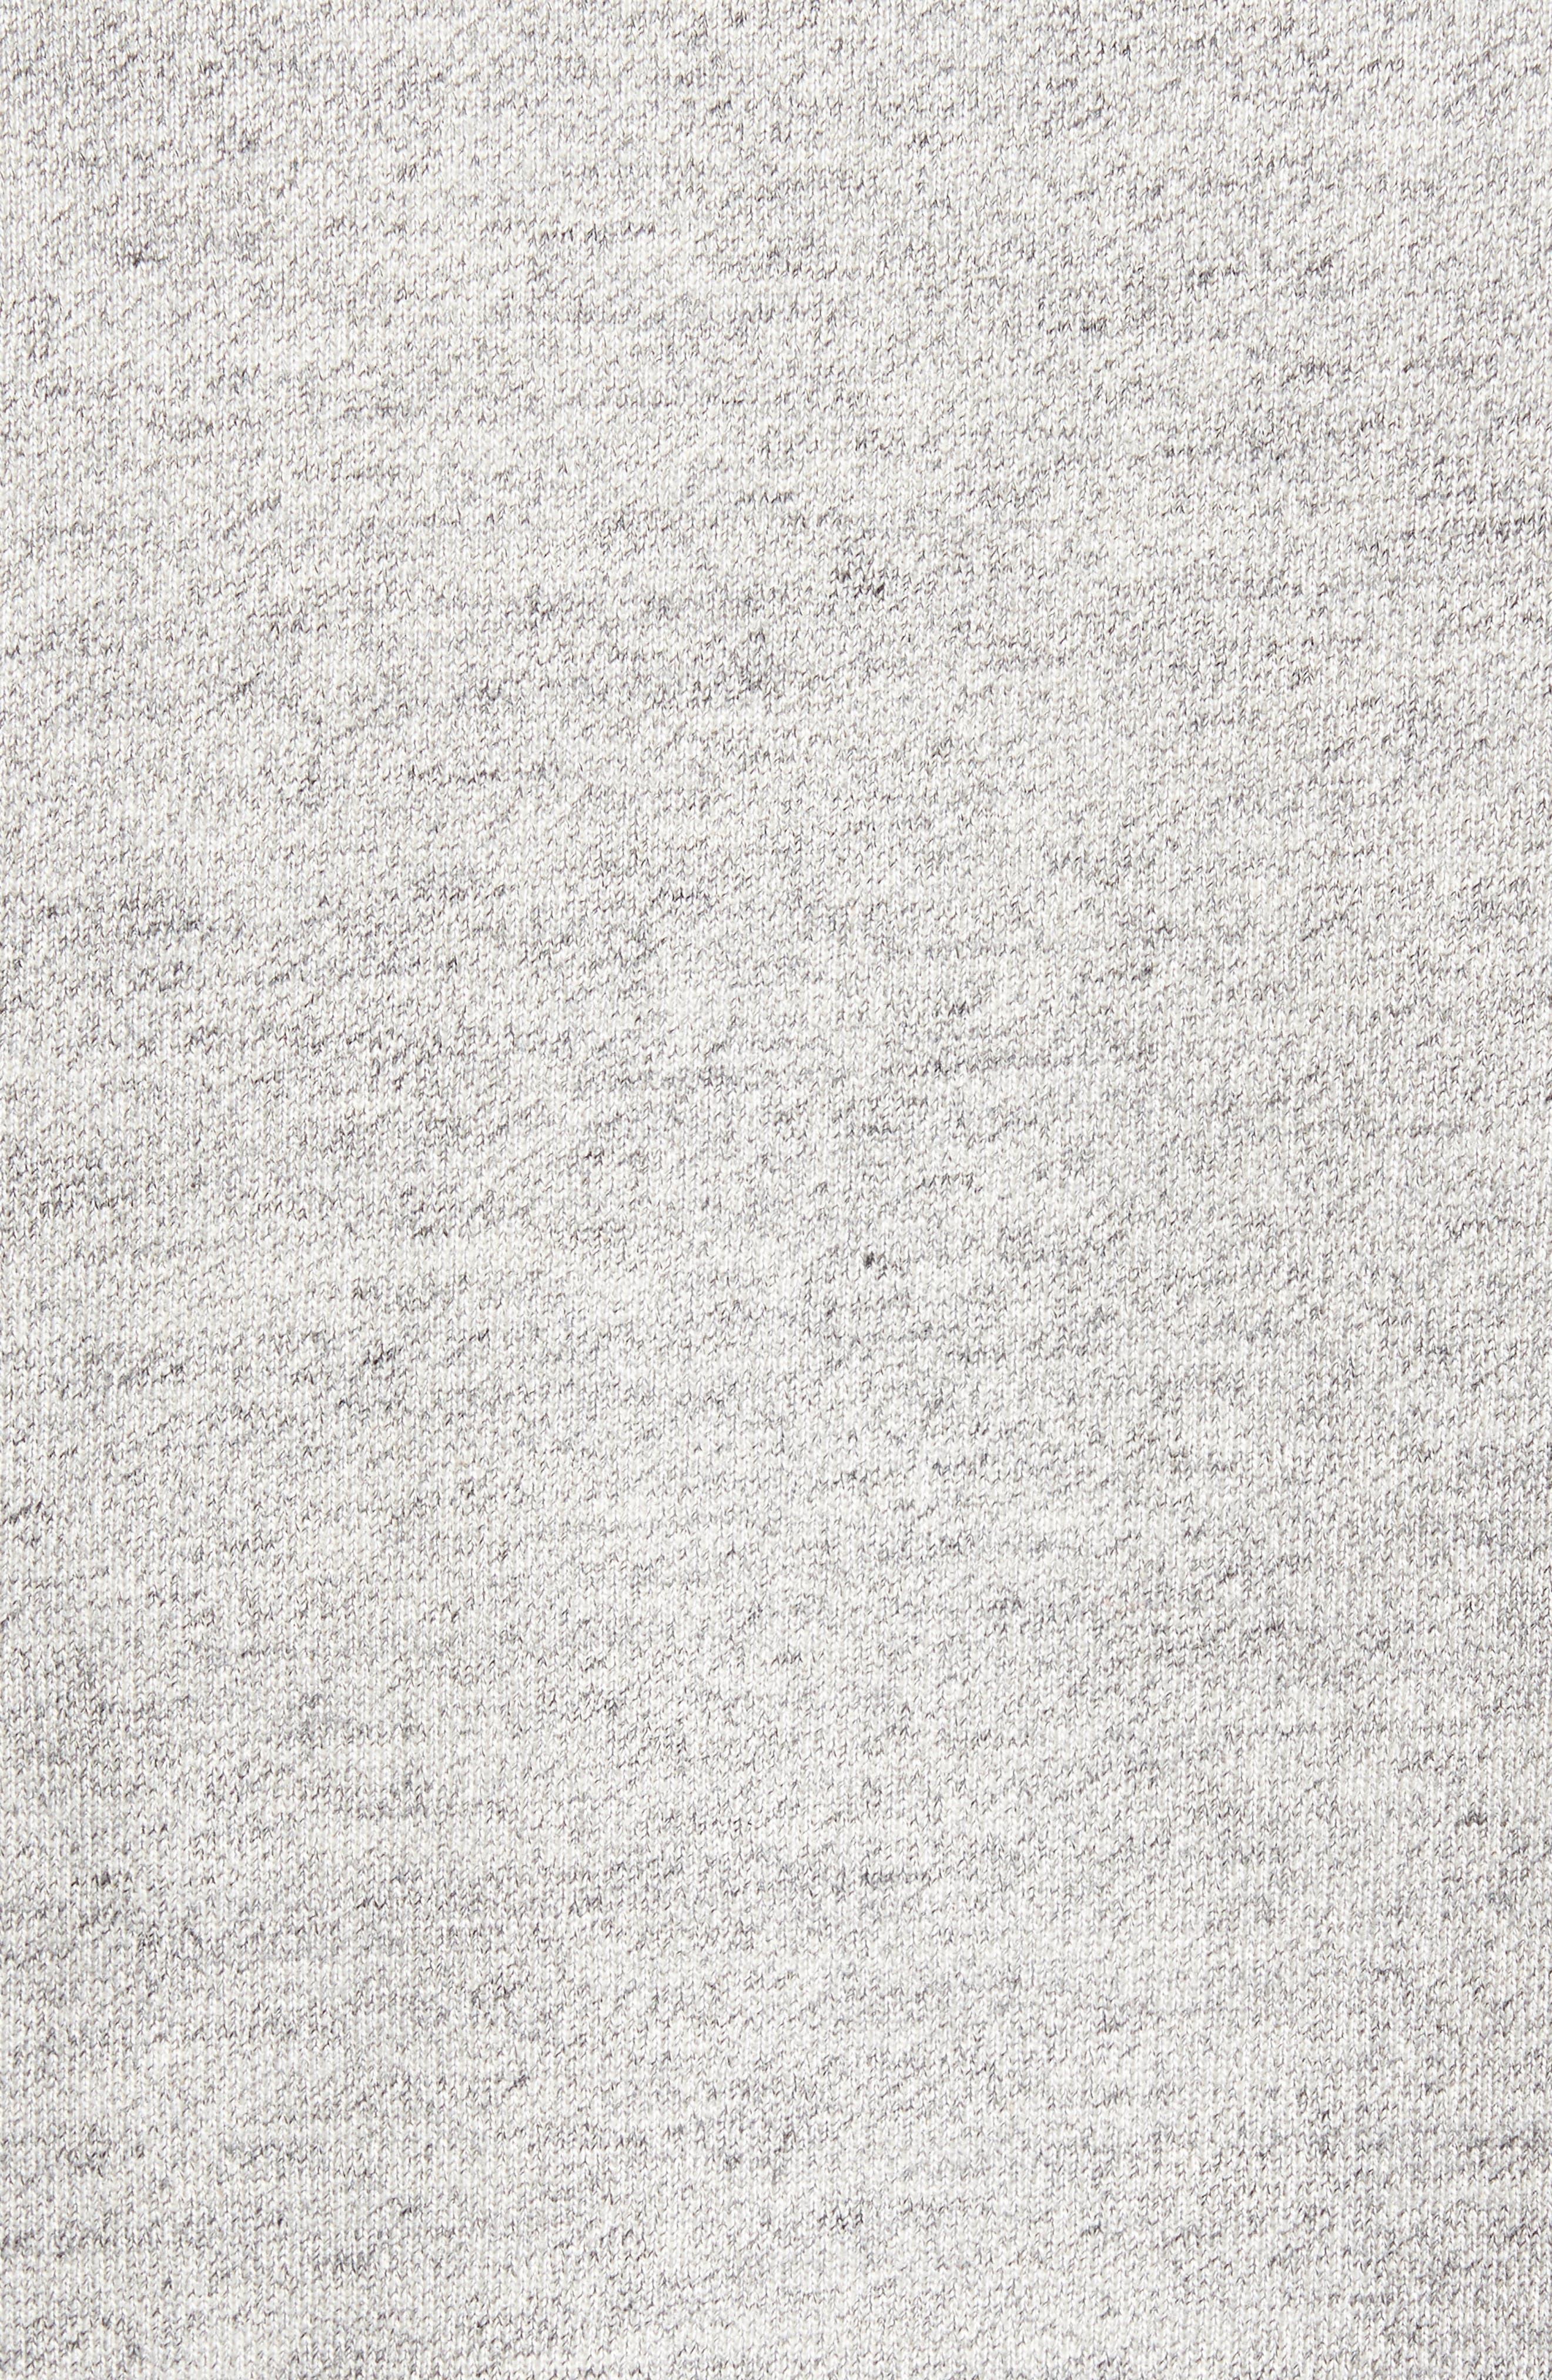 Sportswear Wings Fleece Bomber Jacket,                             Alternate thumbnail 5, color,                             Dark Grey Heather/ Black